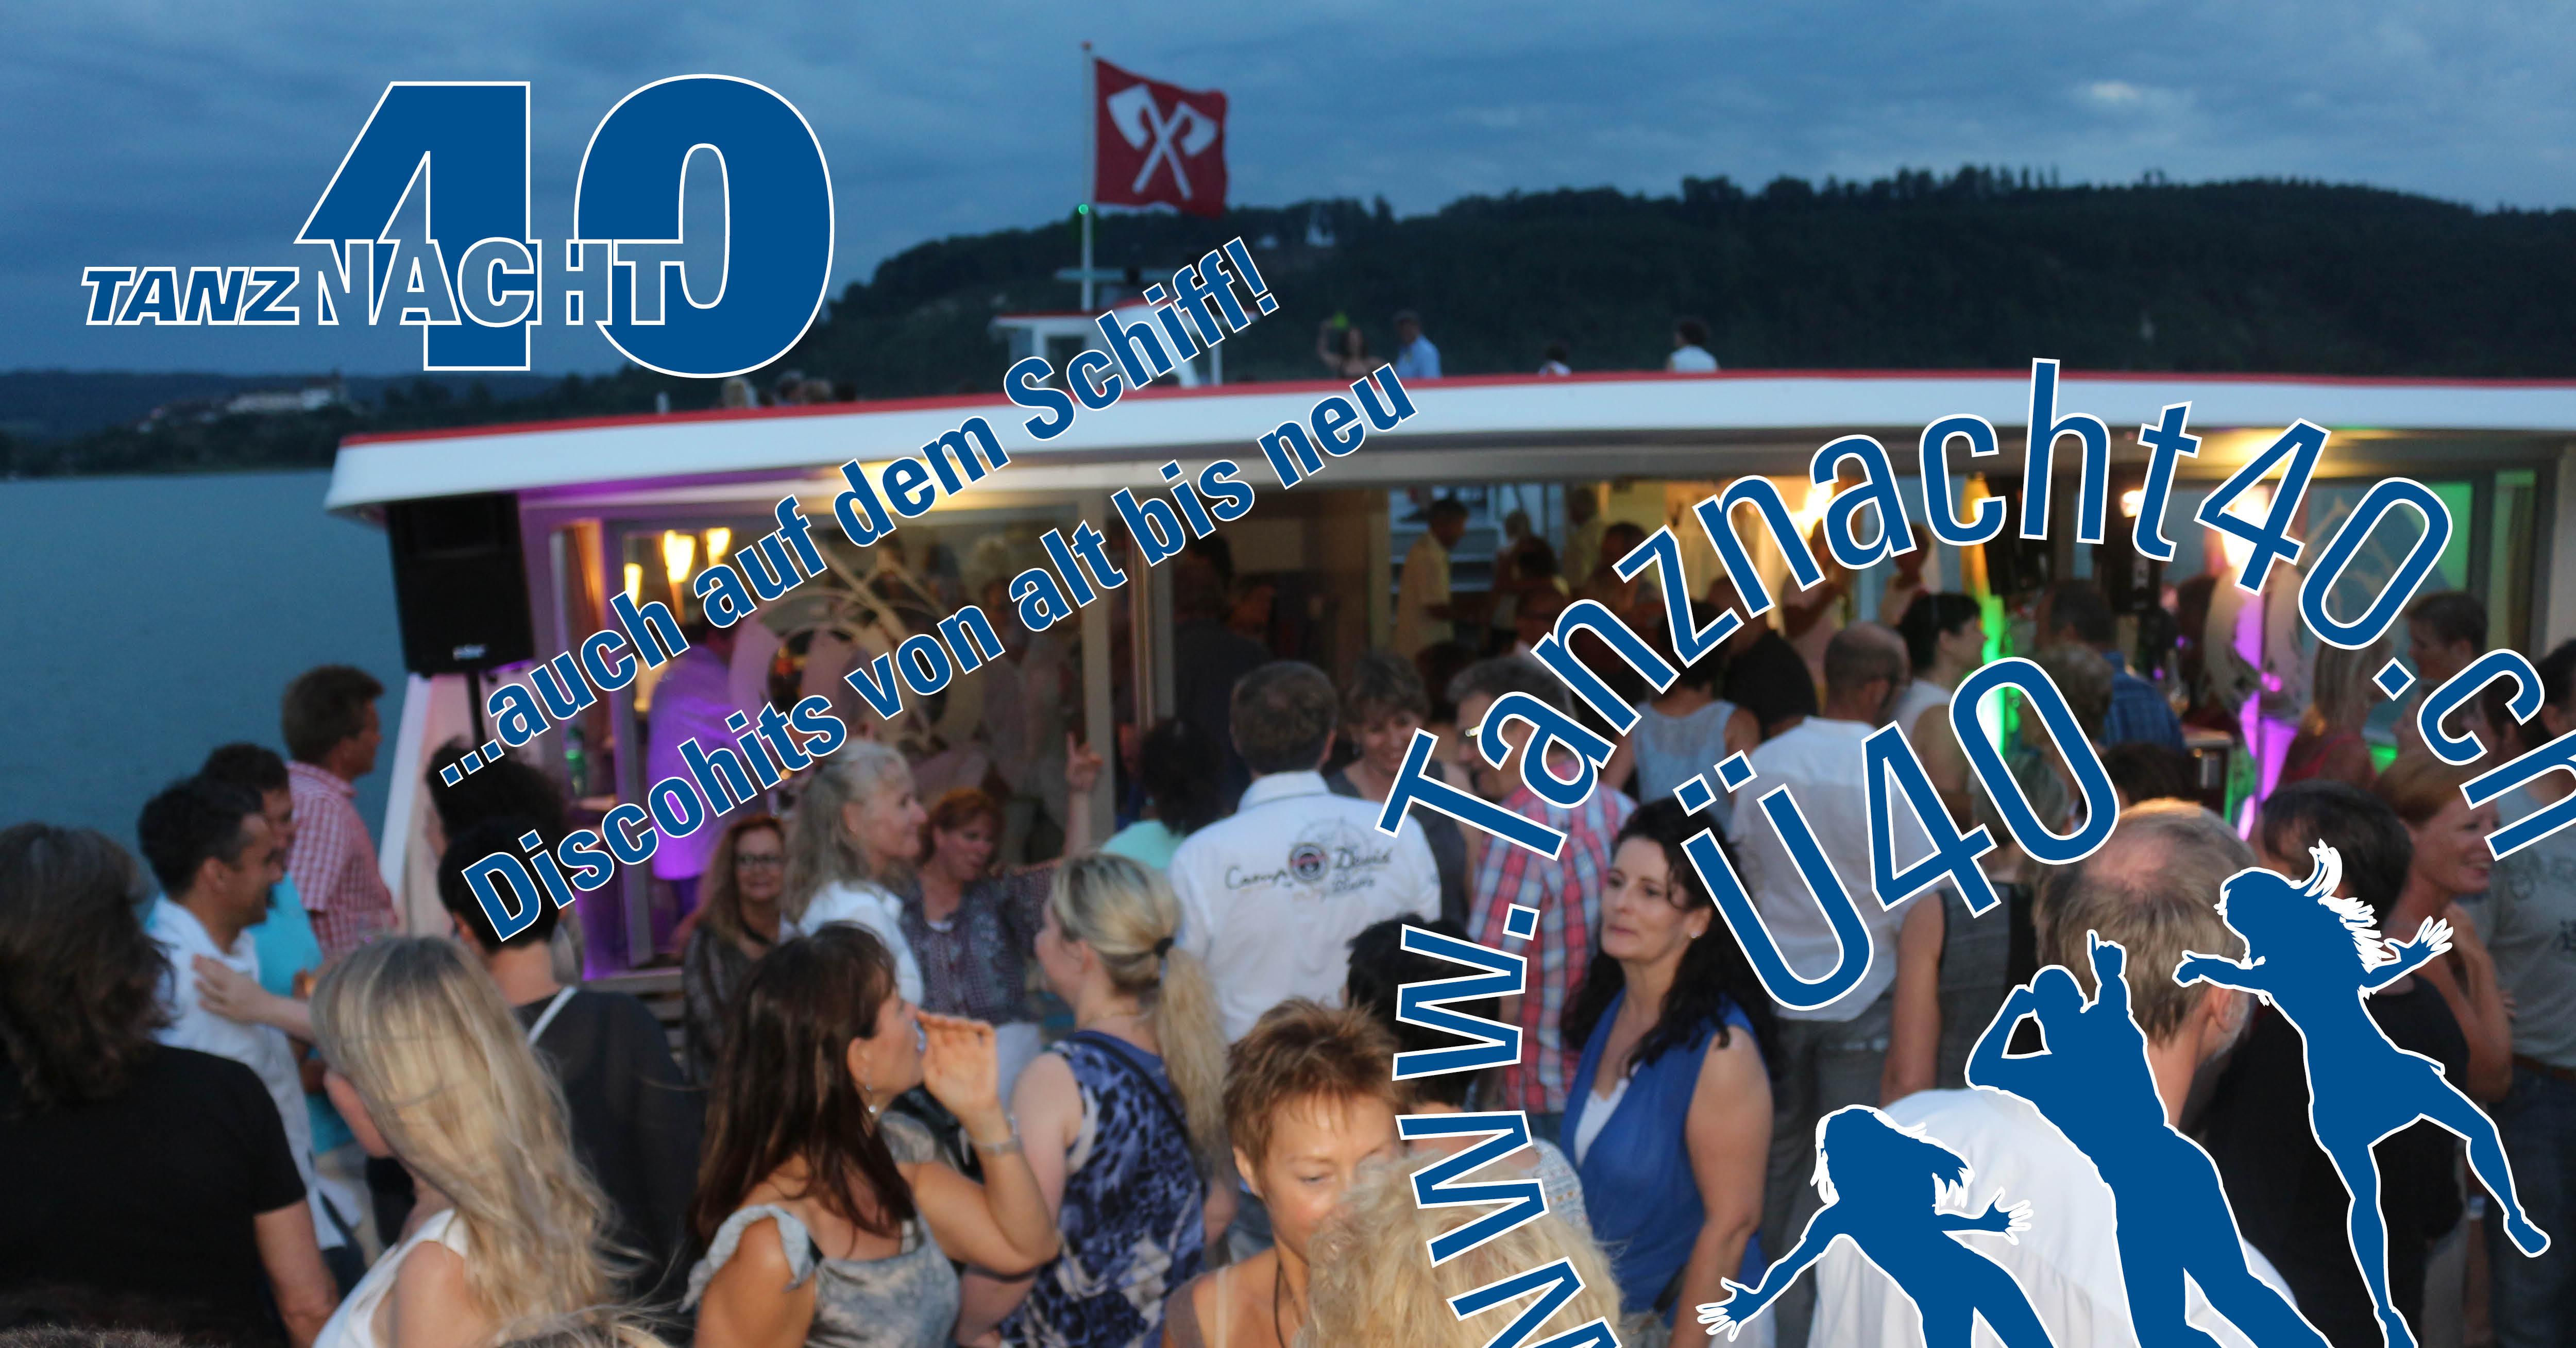 Tanznacht40 Bielersee